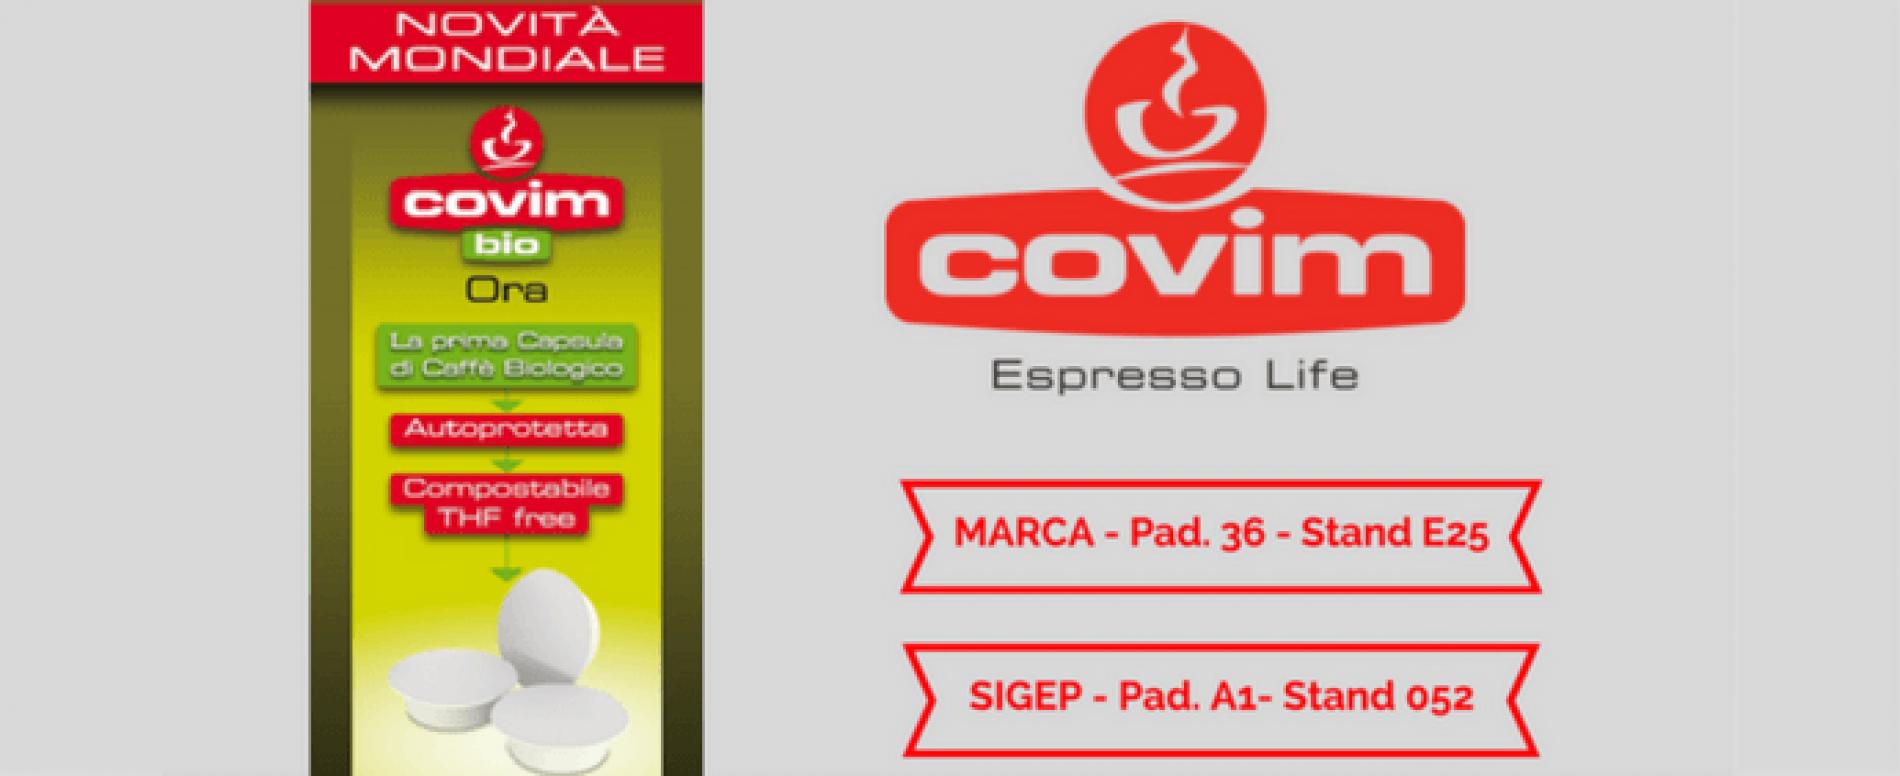 Covim a MARCA e SIGEP con la prima capsula compostabile autoprotetta